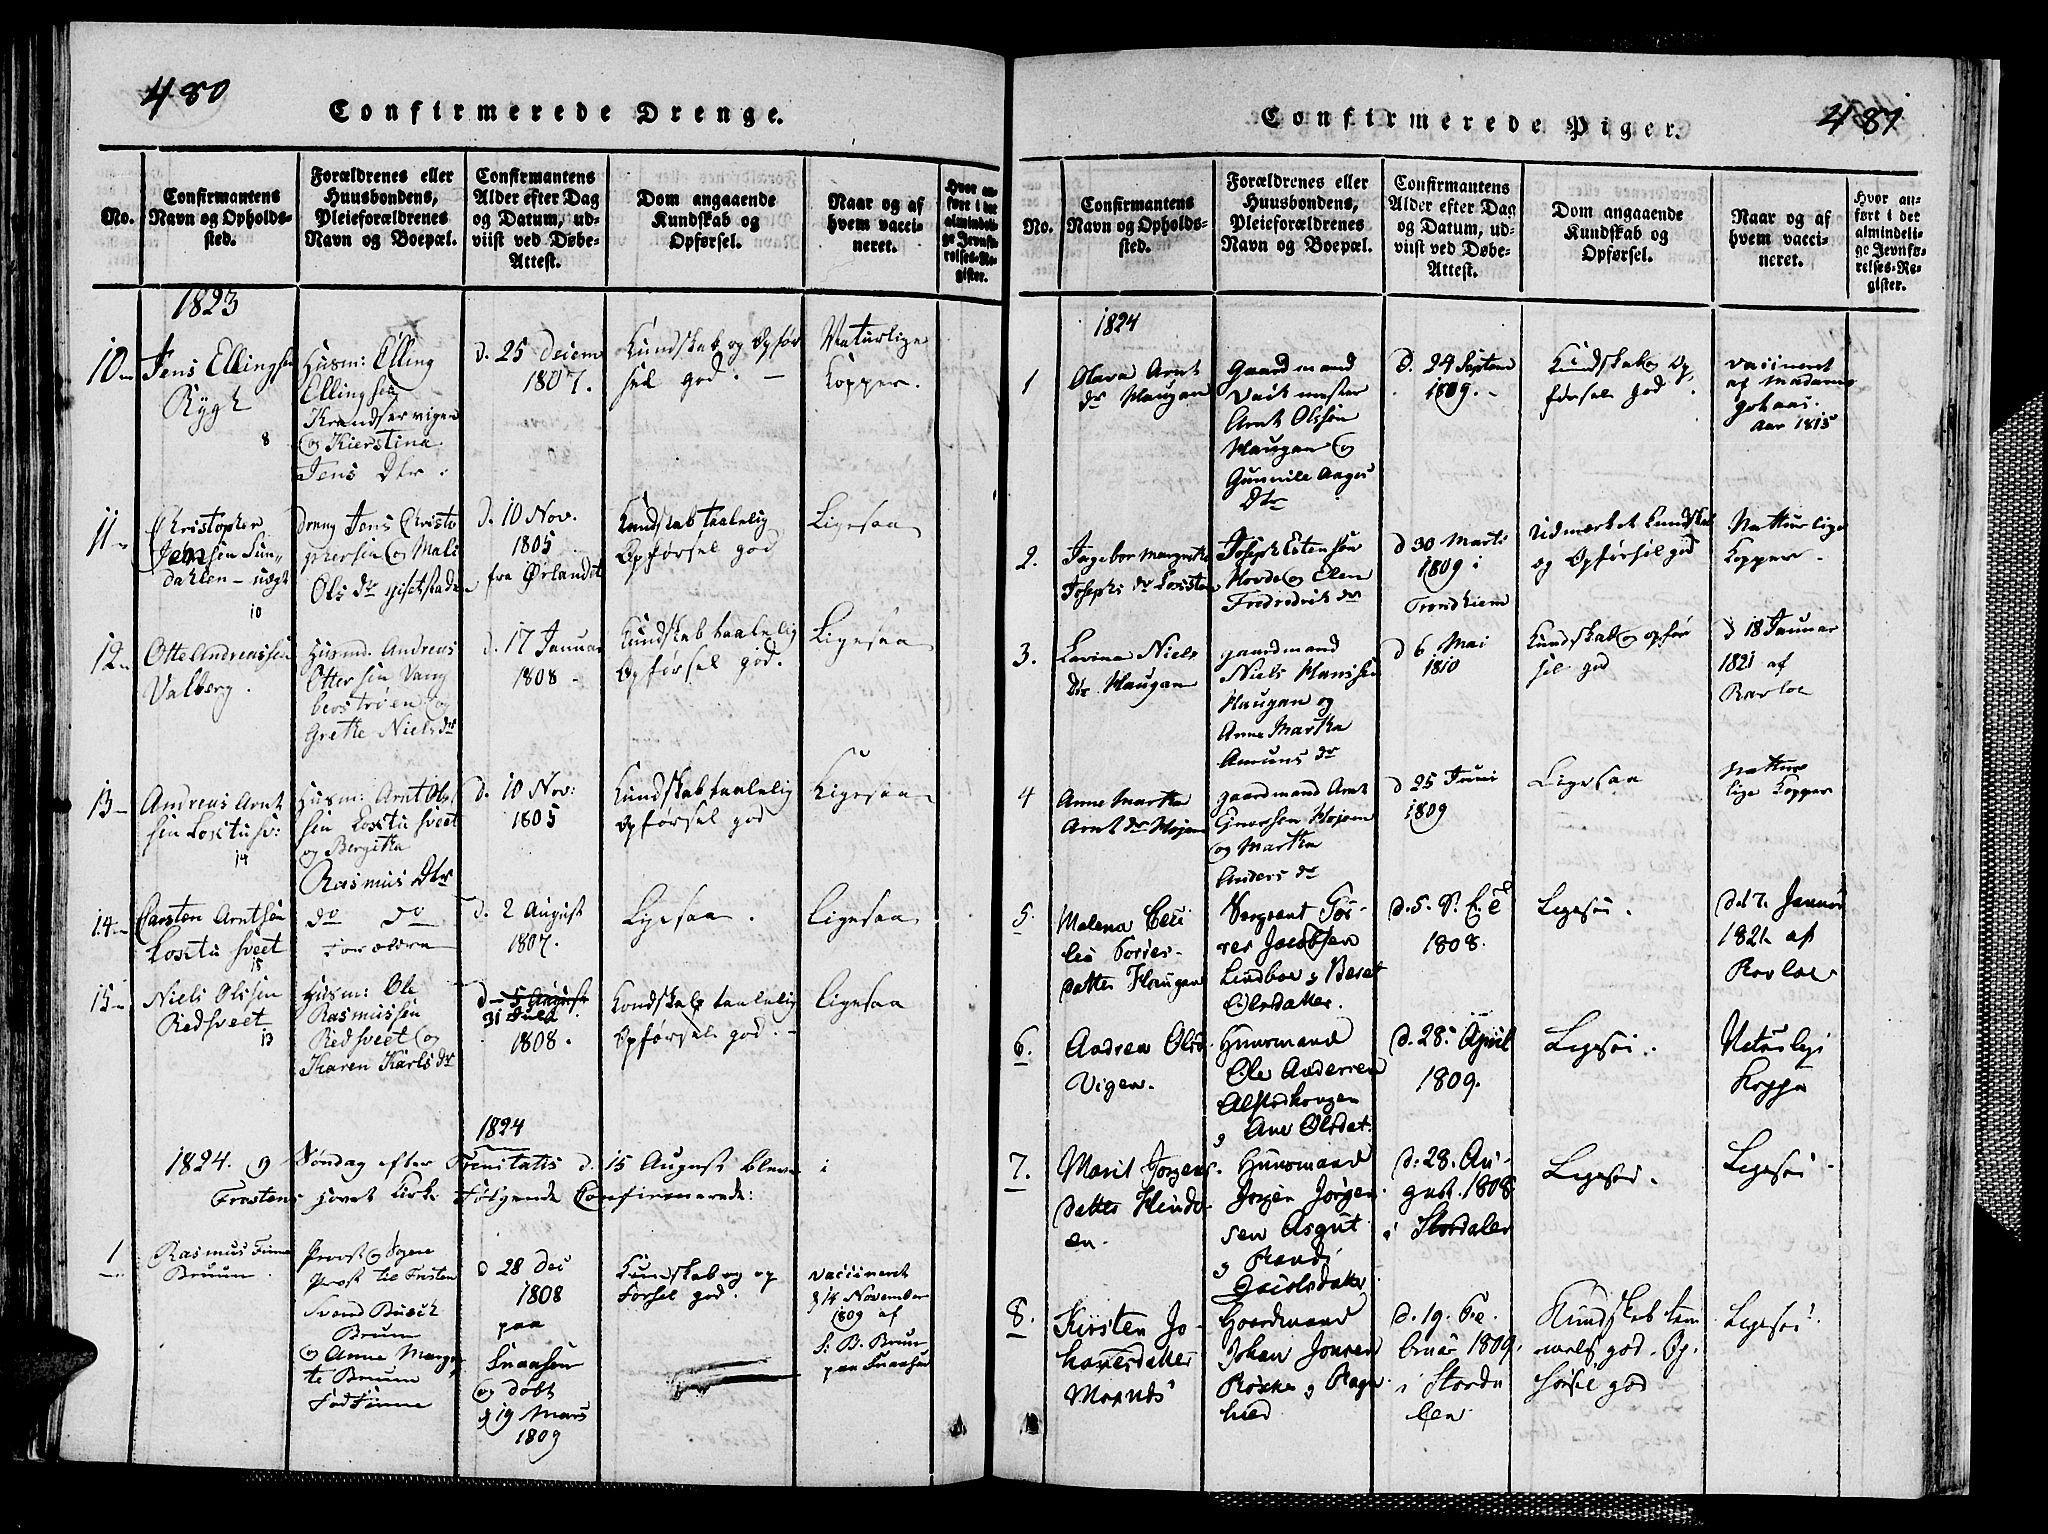 SAT, Ministerialprotokoller, klokkerbøker og fødselsregistre - Nord-Trøndelag, 713/L0124: Klokkerbok nr. 713C01, 1817-1827, s. 480-481